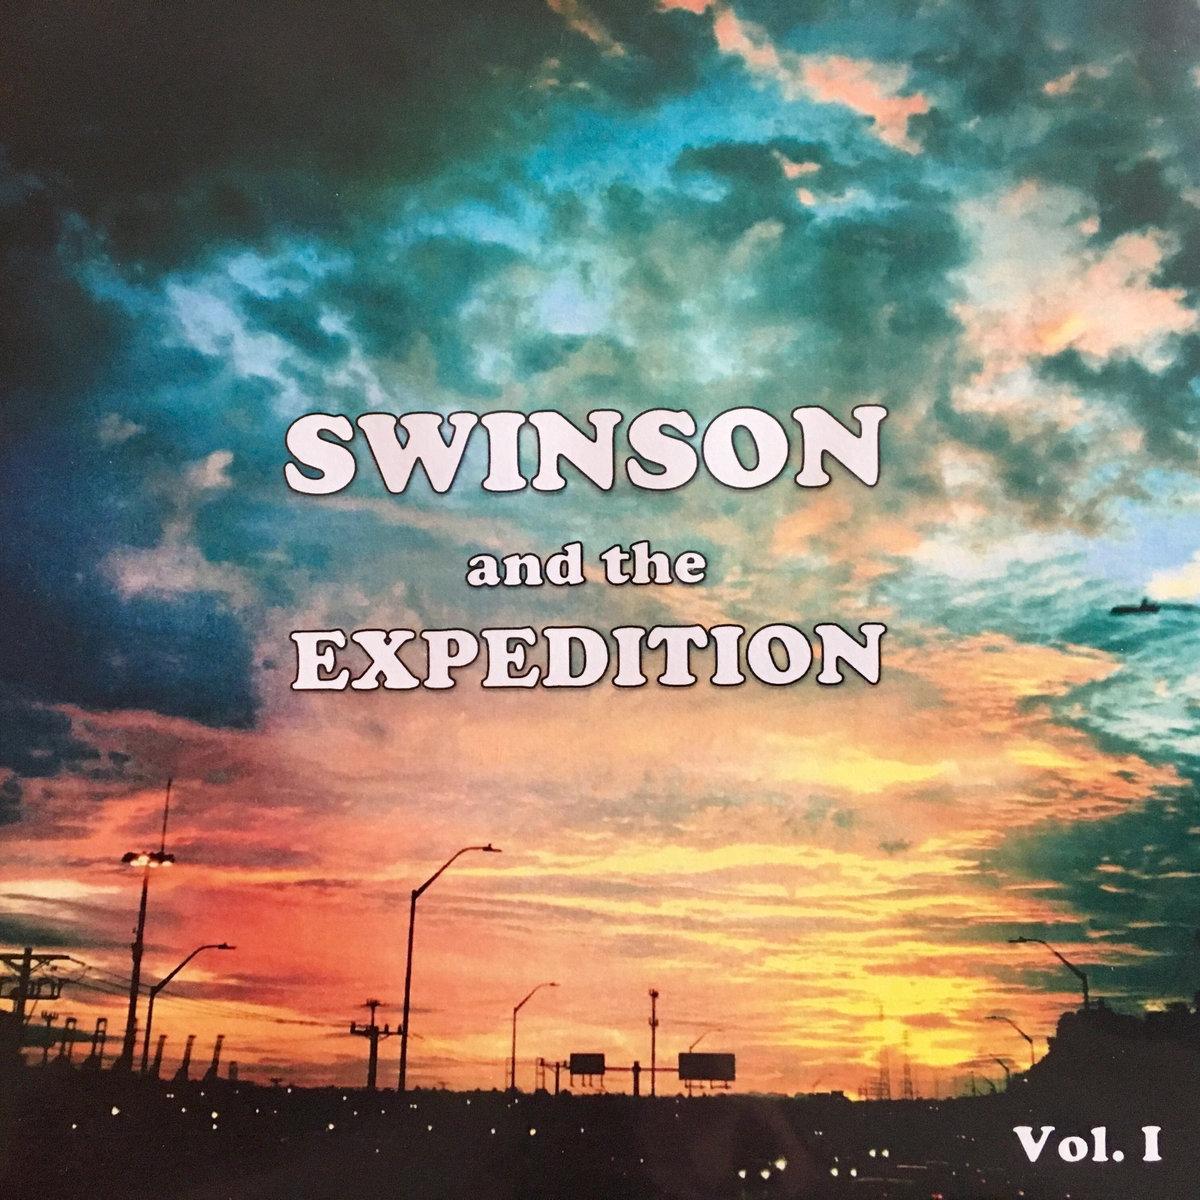 swinson-cover.jpg